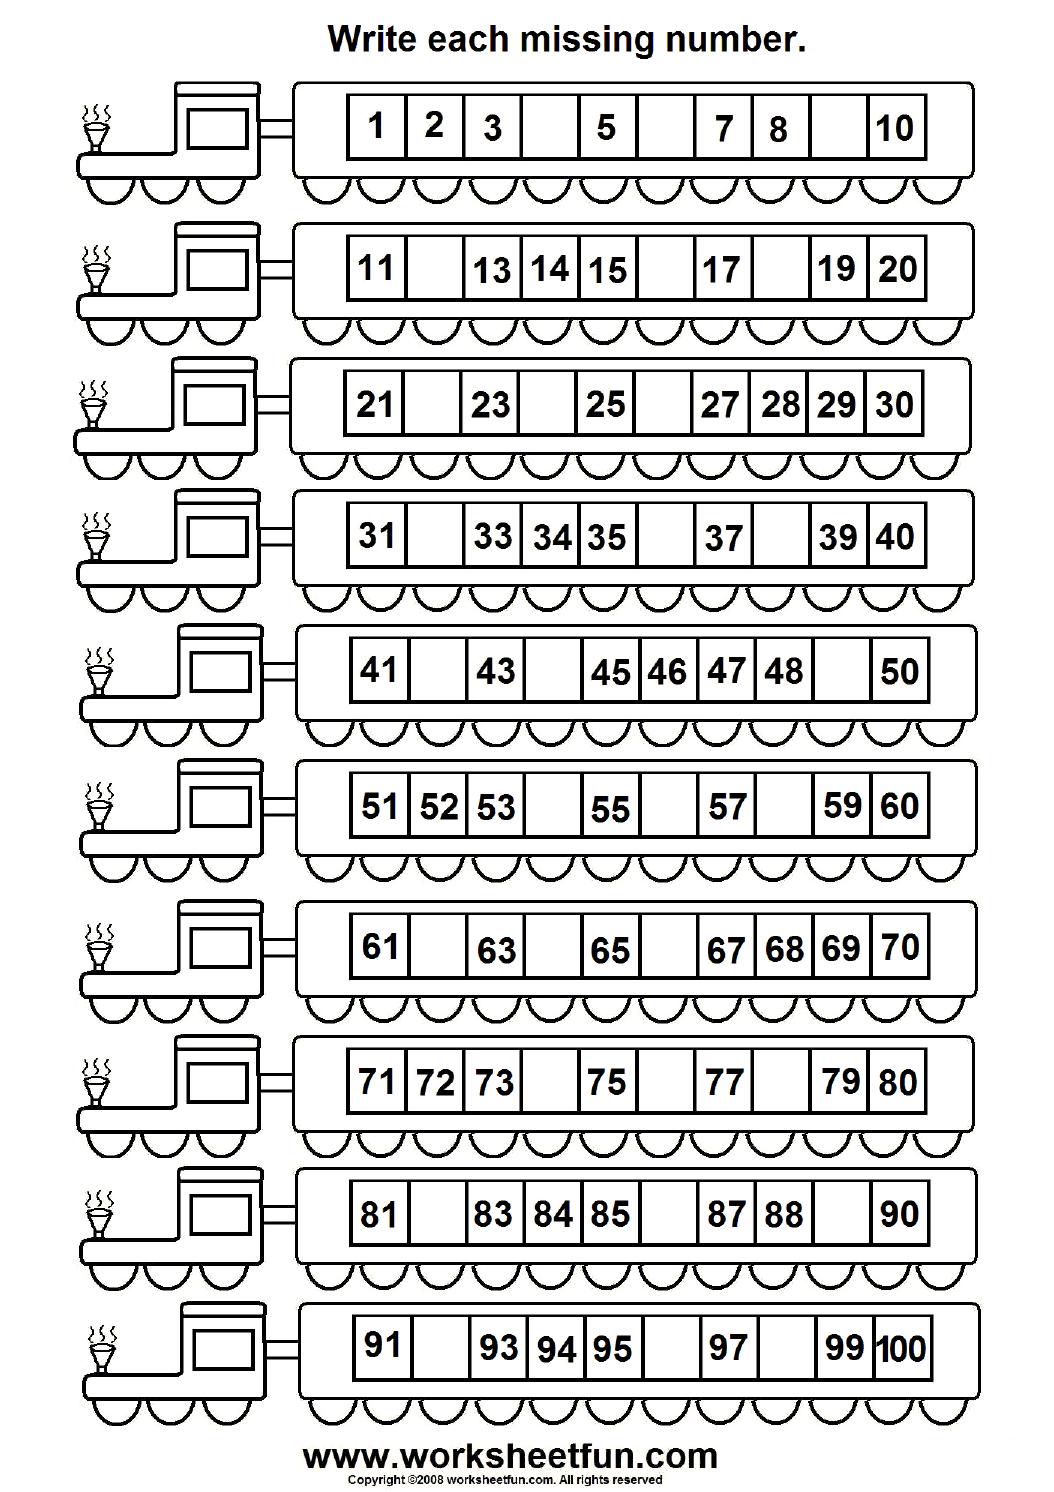 Free Missing Number Worksheets For Kindergarten